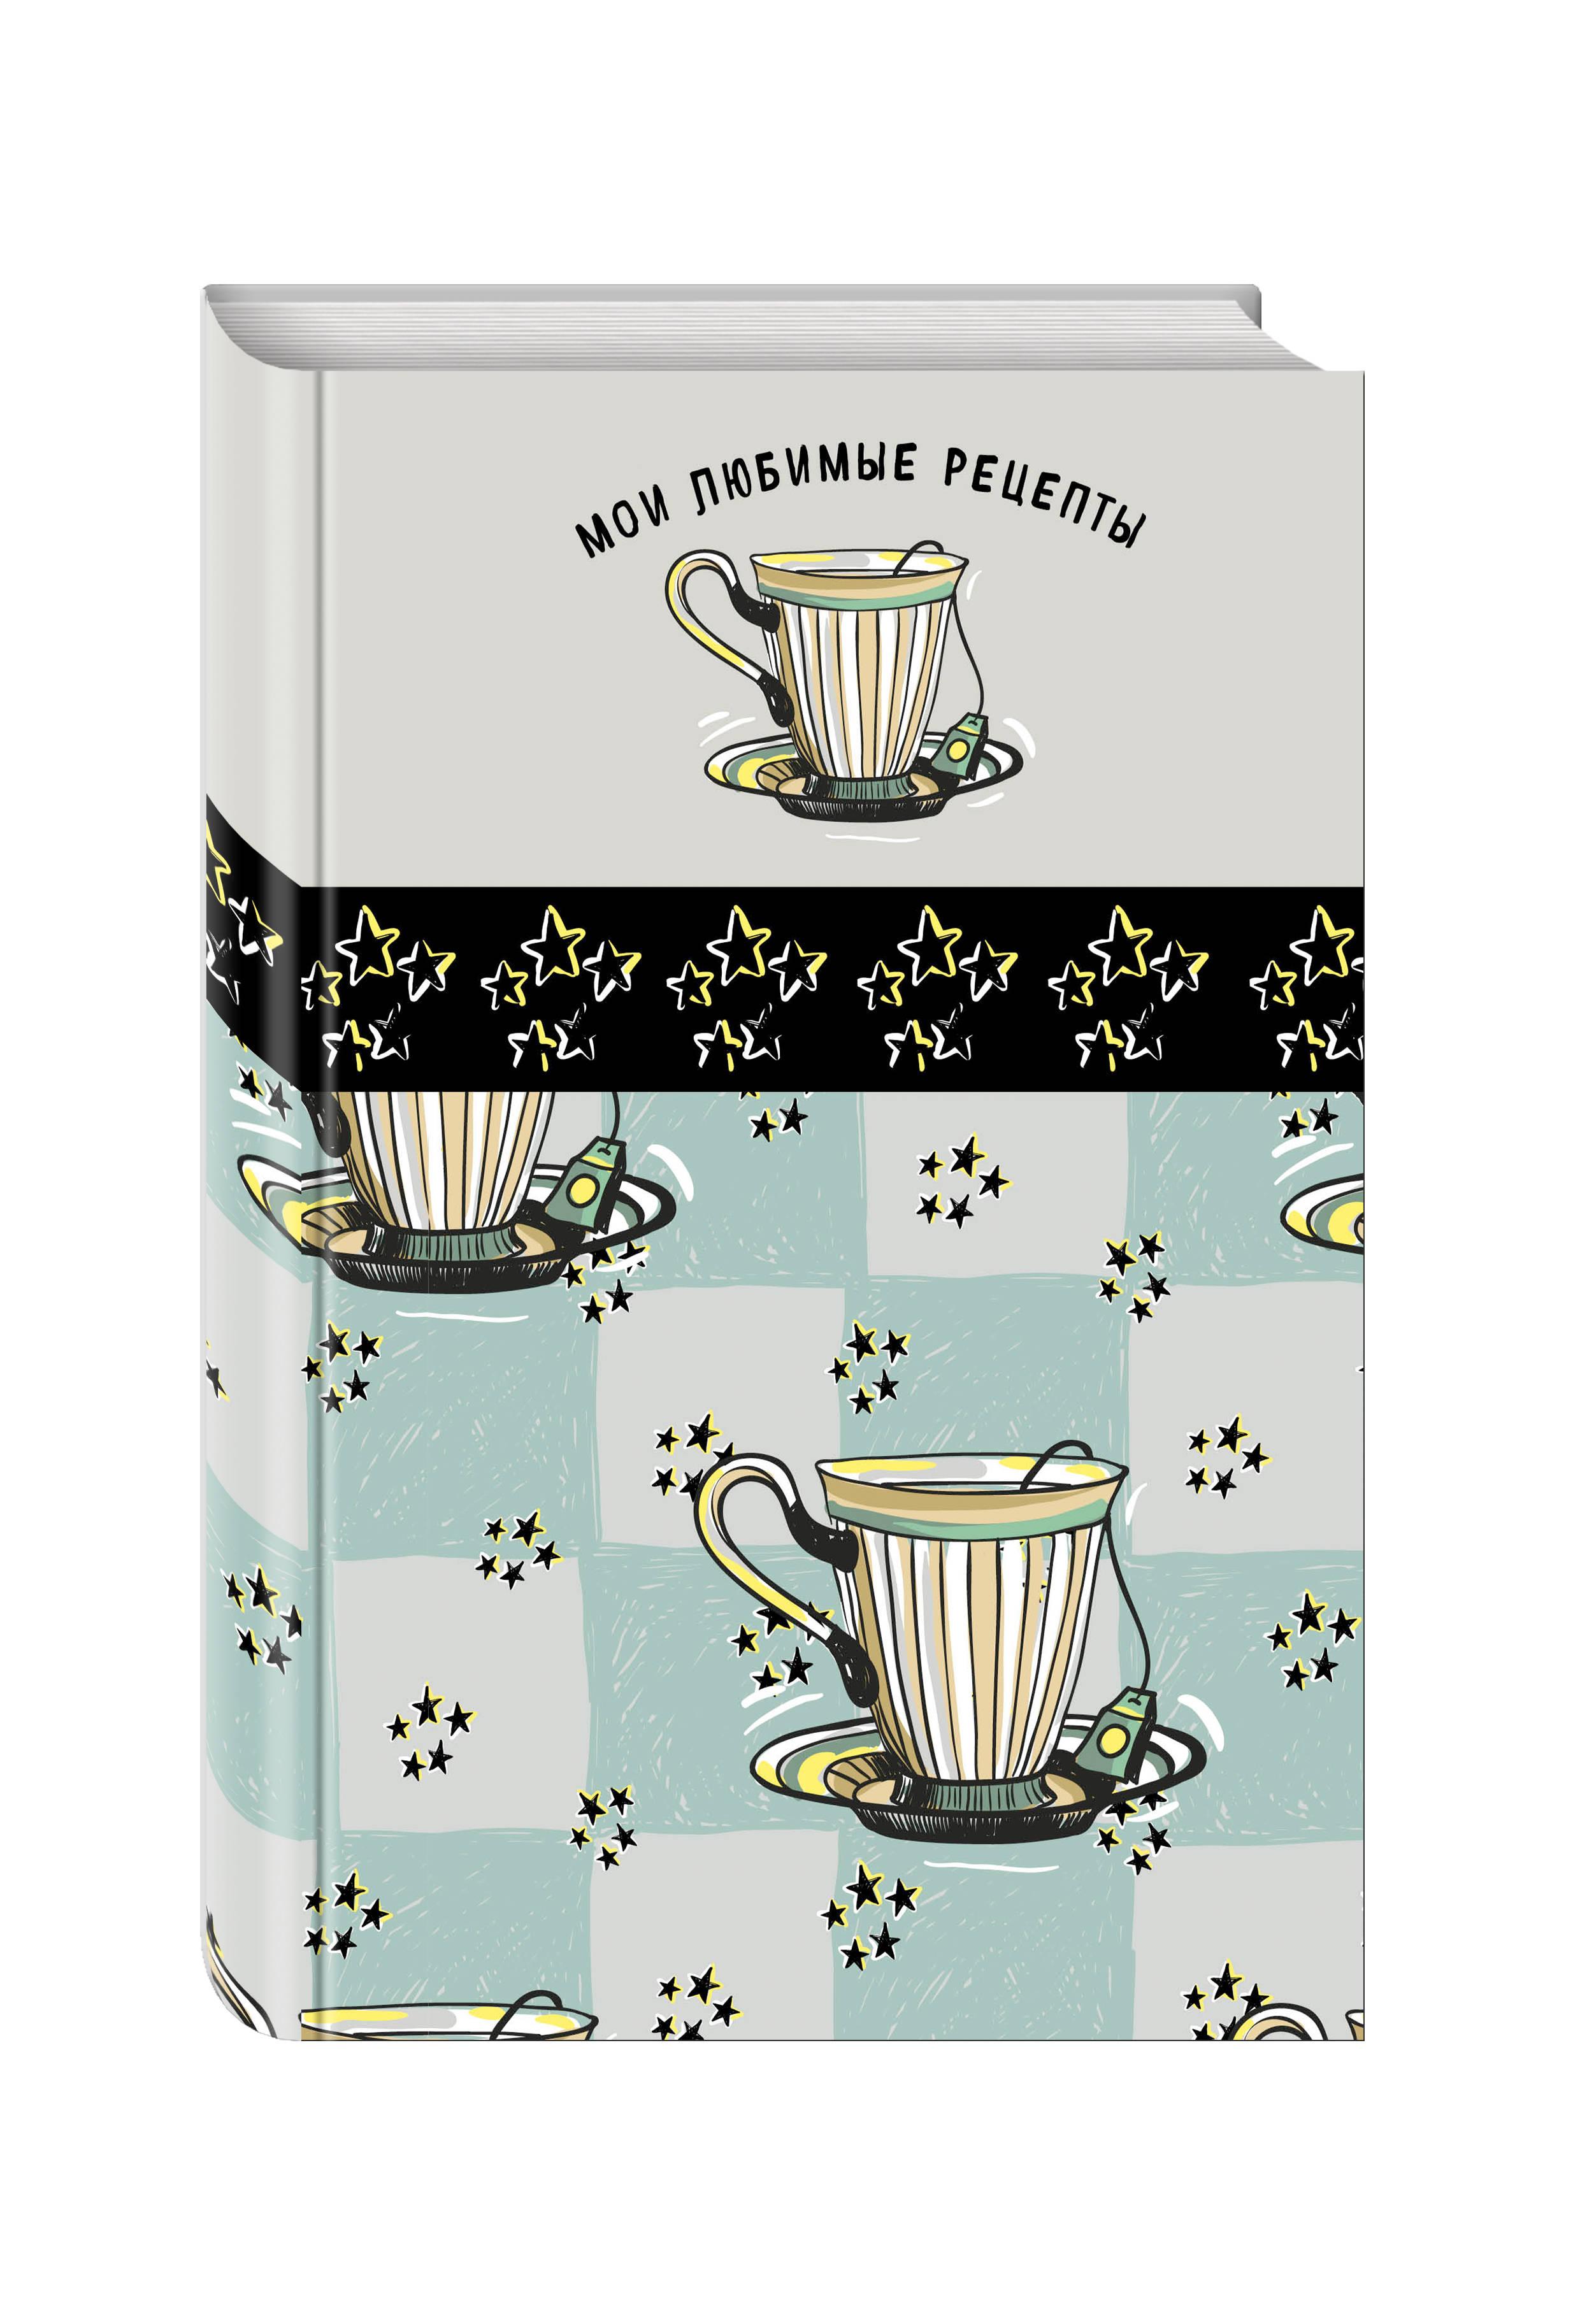 Мои любимые рецепты. Книга для записи рецептов (а5_Звездный чай) отсутствует книга для записи рецептов